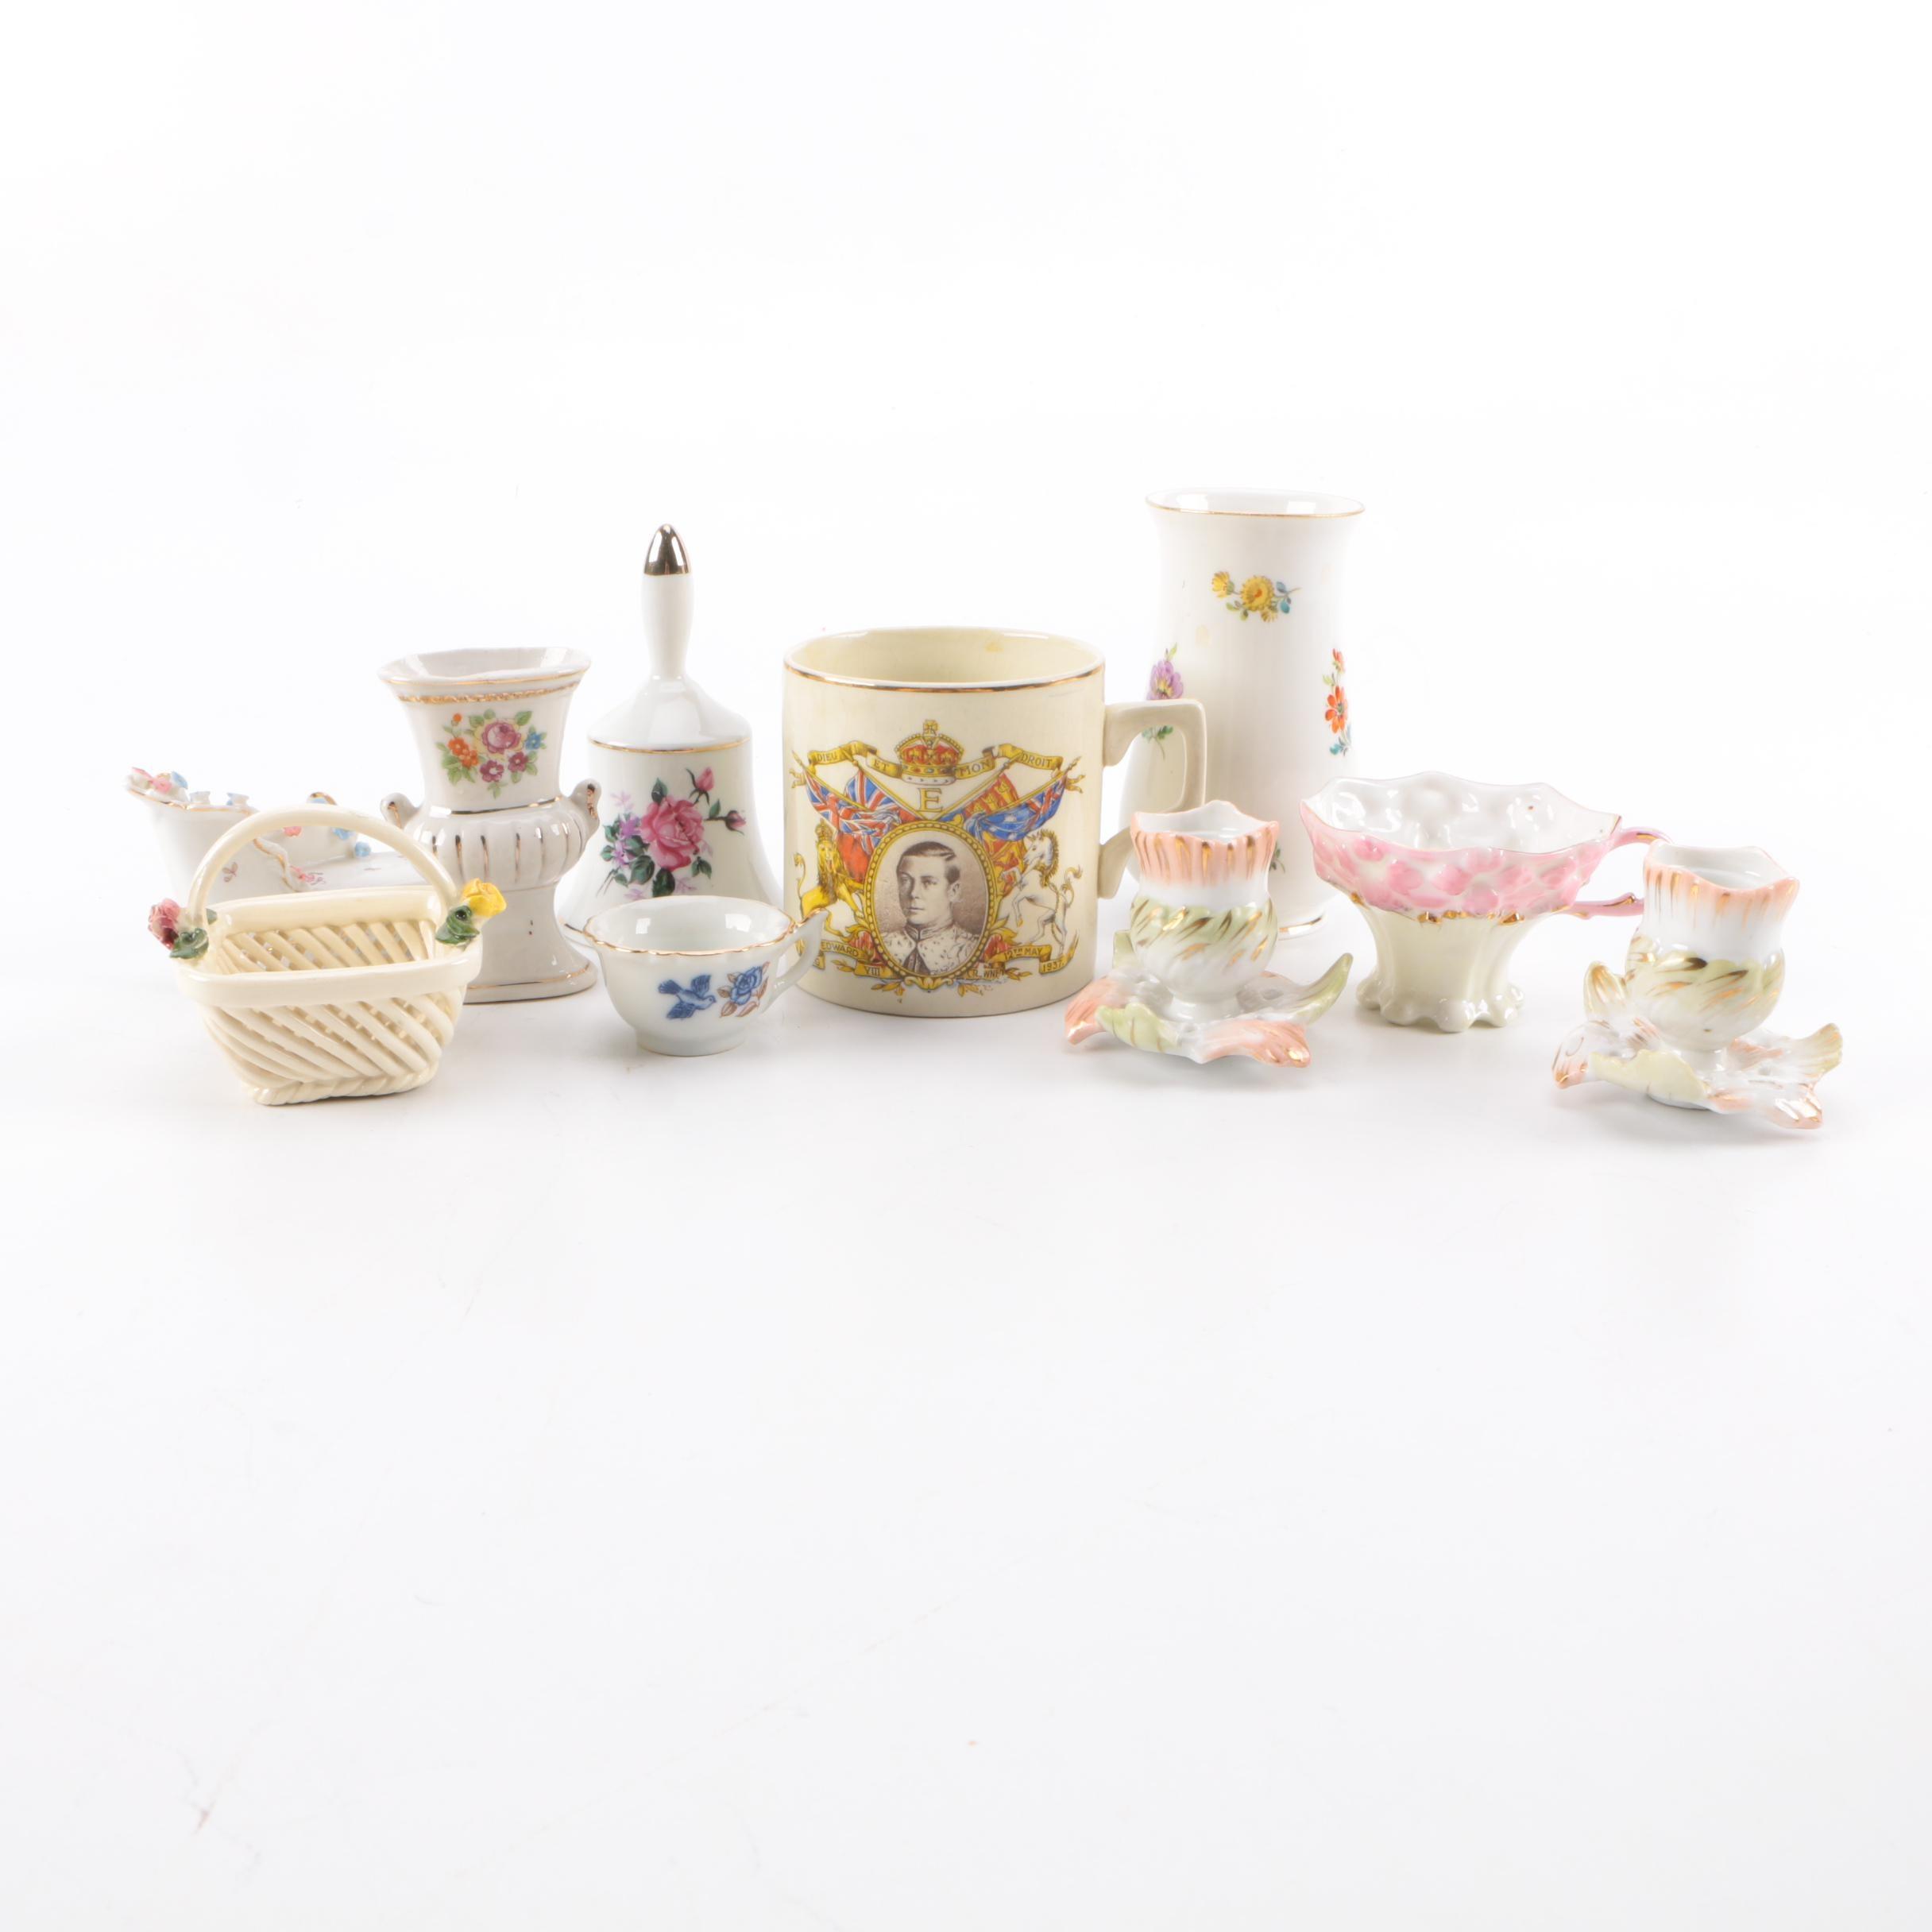 Assorted Ceramic Home Decor